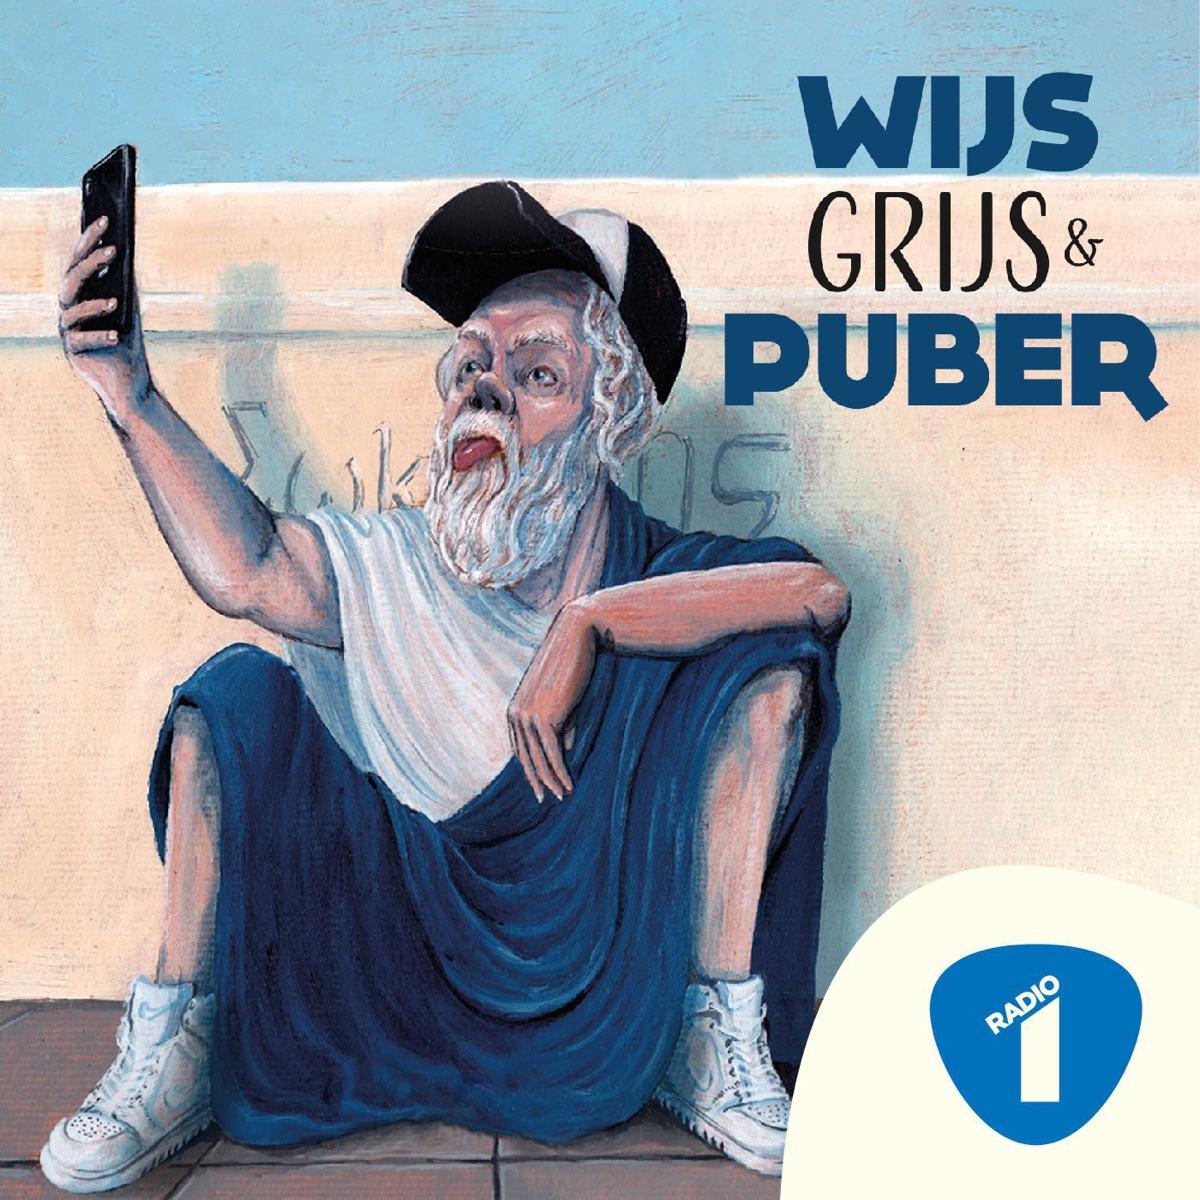 Wijs, Grijs & Puber